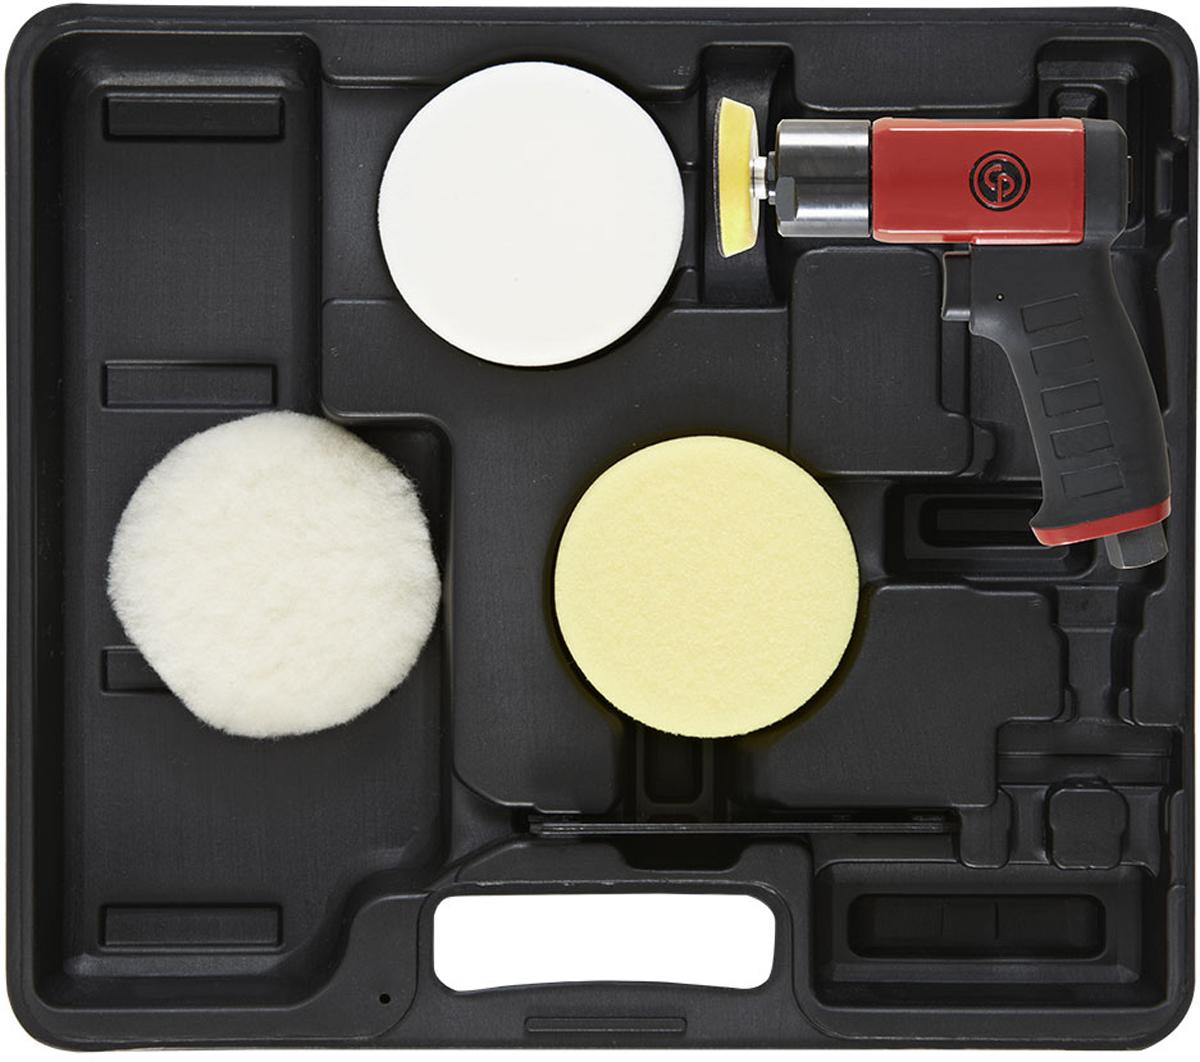 Набор для полировки Chicago Pneumatic CP7201P8941172014Миниатюрная дисковая полировальная машина с подошвой 3 (75 мм) типа Липучка.Характеристики:- Мощный, стойкий к износу - Резиновый формованный пистолетный захват - Настраиваемый регулятор скорости вращения- Прогрессивный курок- Тихий выхлоп в рукоятке. Комплектация: полировальная машина CP7201 с опорной подошвой 3, вспененные подошвы 3,5 (белая/желтая), шерстяная чистящая подошва 3,5.Размер наждачной бумаги 75 мм 3Скорость холостого хода 2500 об\минРезьба шпинделя 1/4-20 UNC Вес нетто 1.9 кгФактический расход воздуха 8.5 л/сМинимальный диаметр шланга 10 ммДиаметр впускного отверстия 0,25.